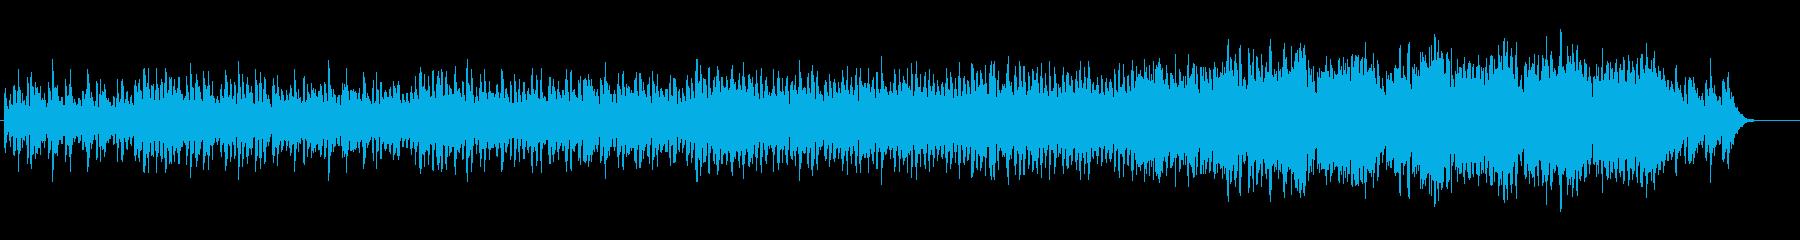 企業VPや映像75、オーケストラ、壮大bの再生済みの波形